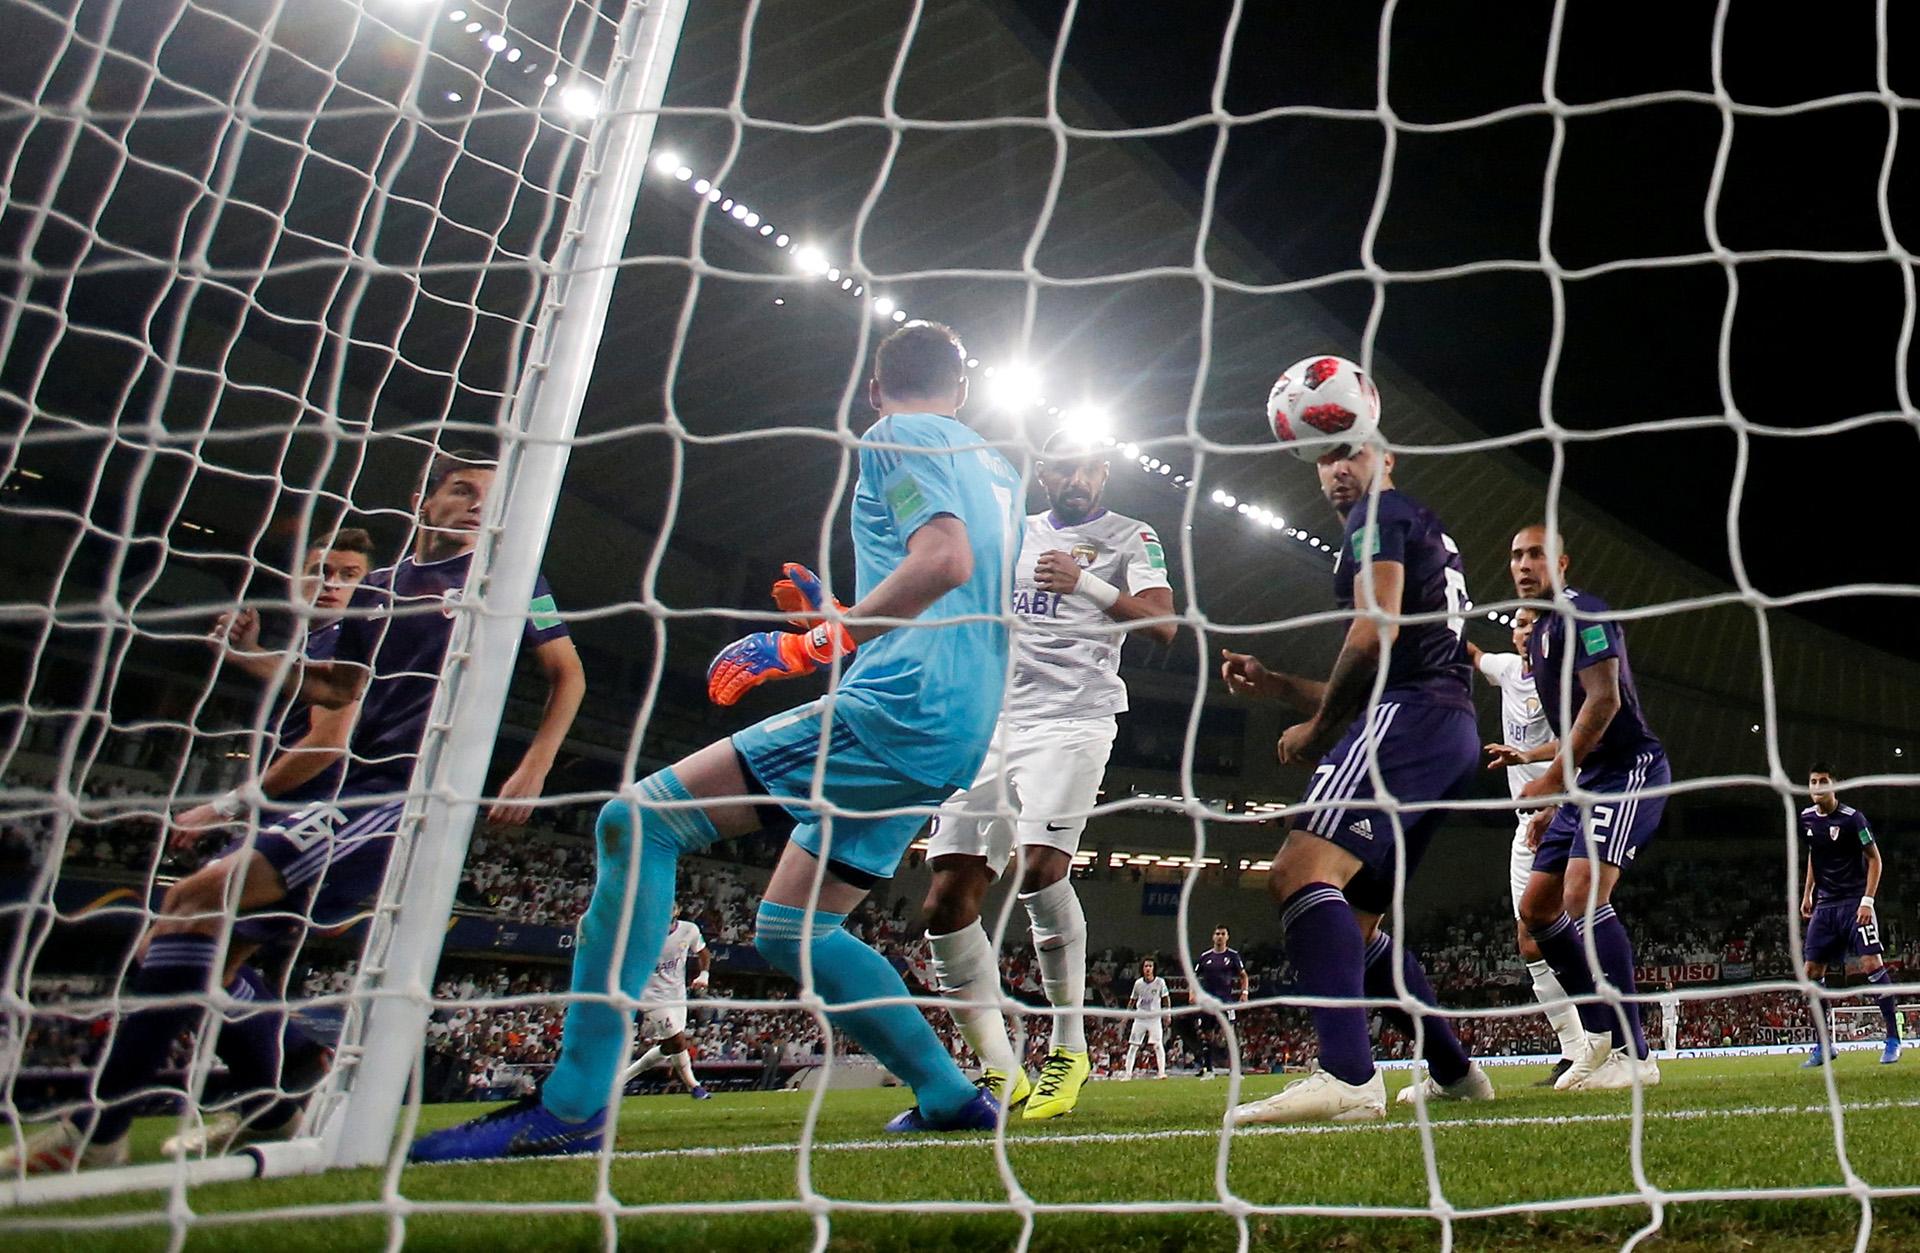 La floja reacción de Franco Armani en el primer gol del Al Ain que sorprendió a River